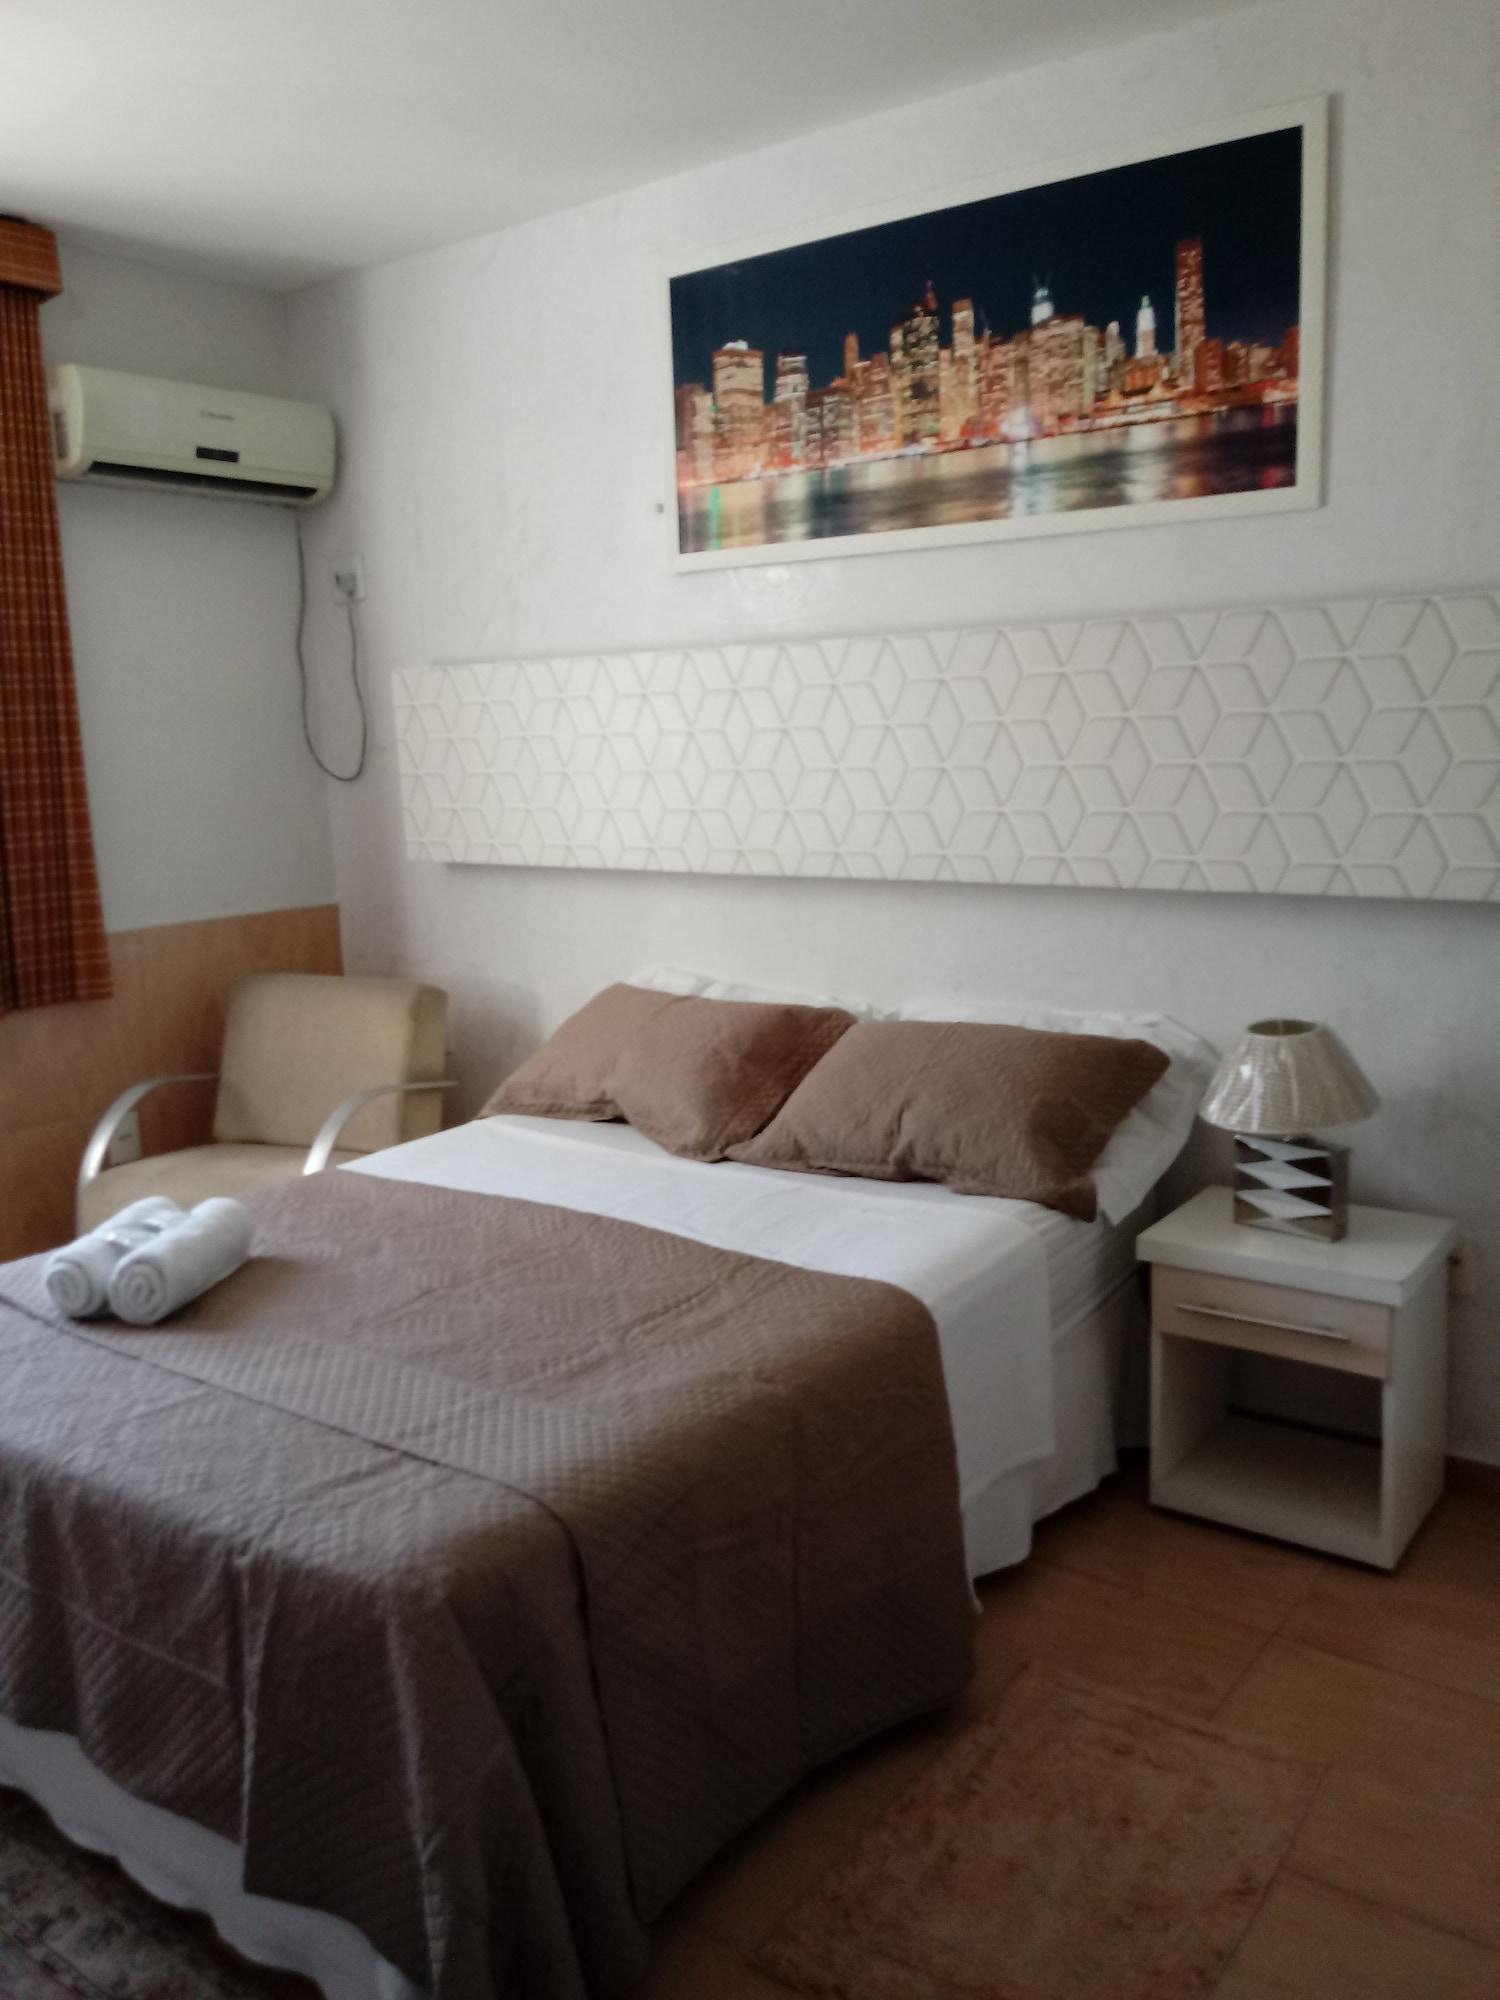 Pousada Hotel Areia da Praia, Fortaleza